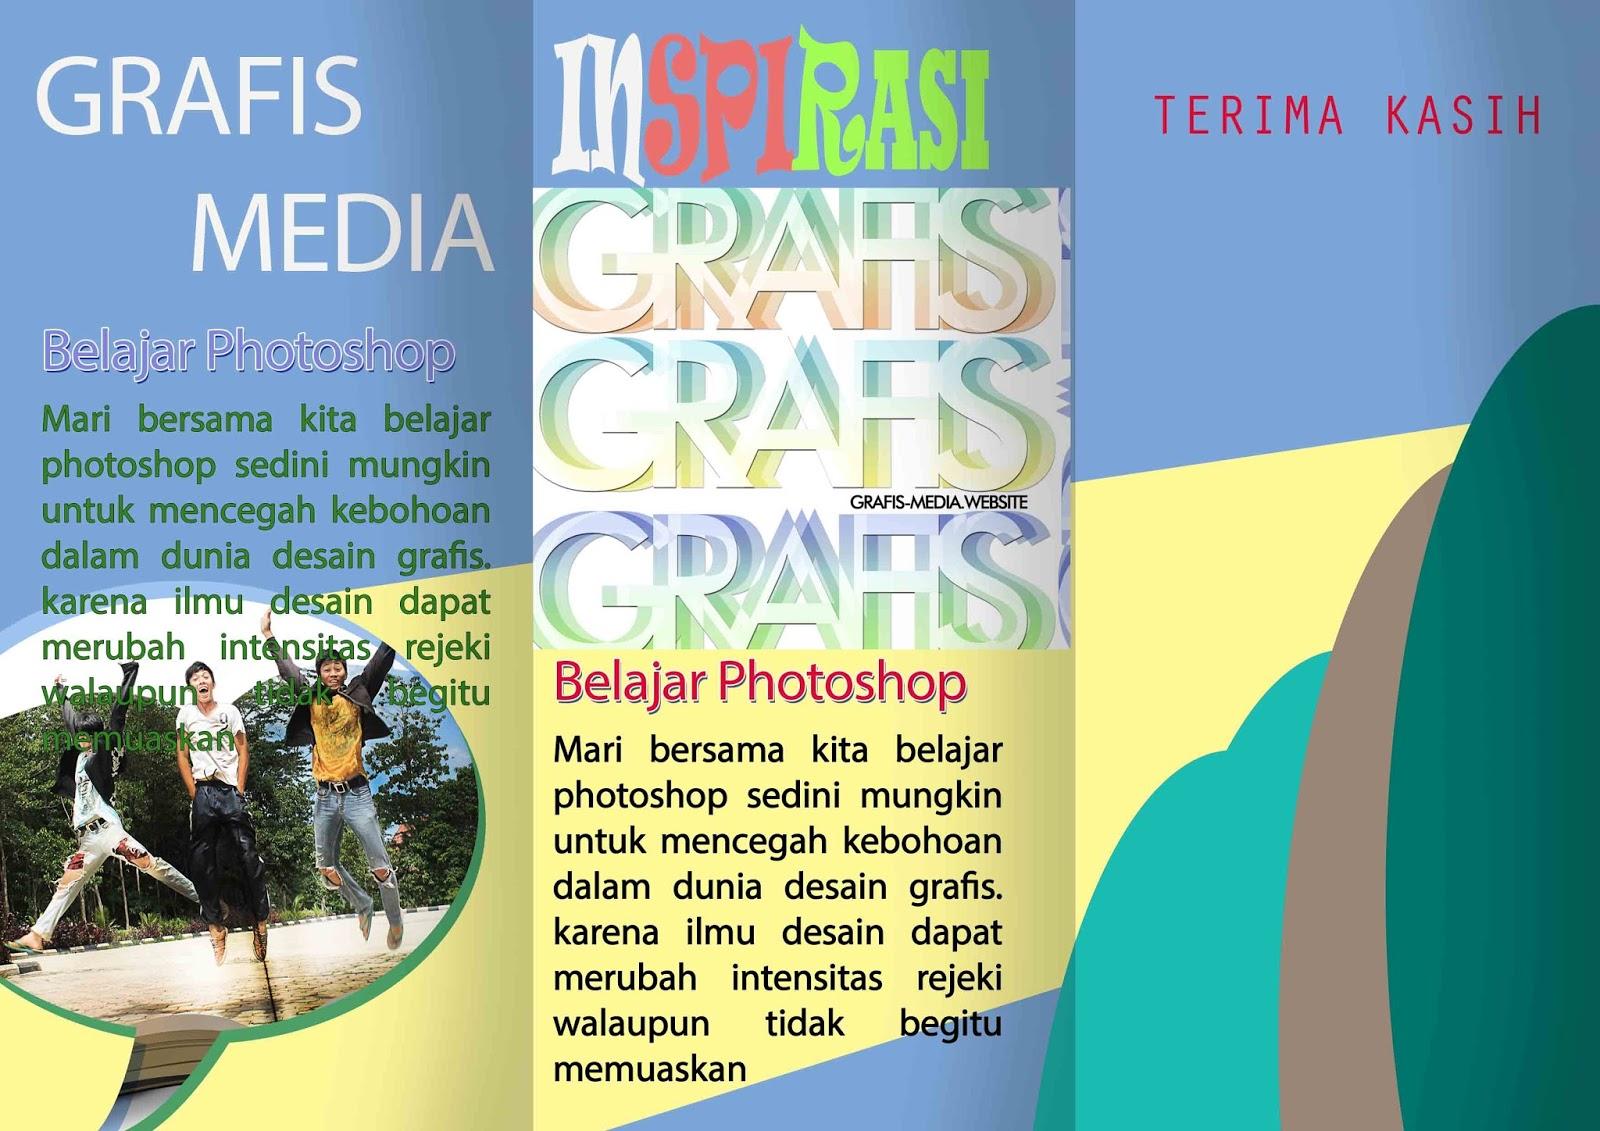 CARA MEMBUAT BROSUR LIPAT 3 DI PHOTOSHOP - GRAFIS - MEDIA